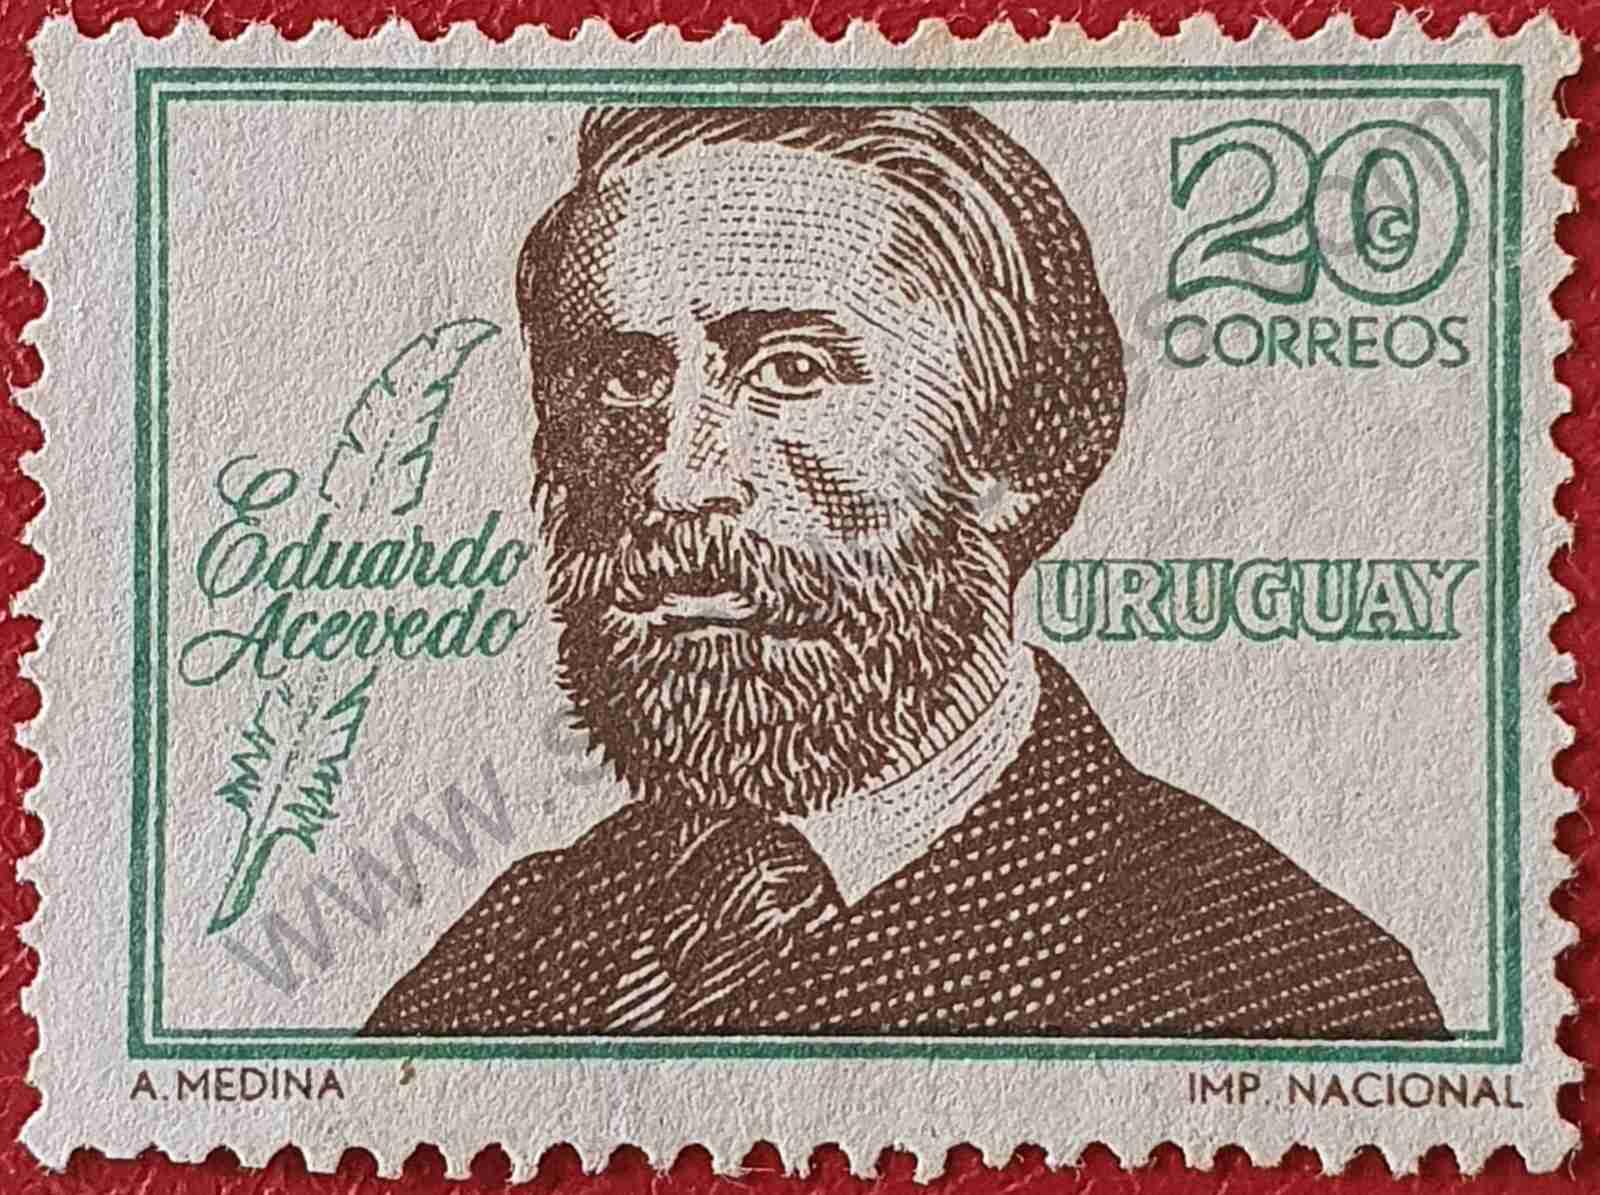 Eduardo Acevedo 20c - Sello Uruguay 1967